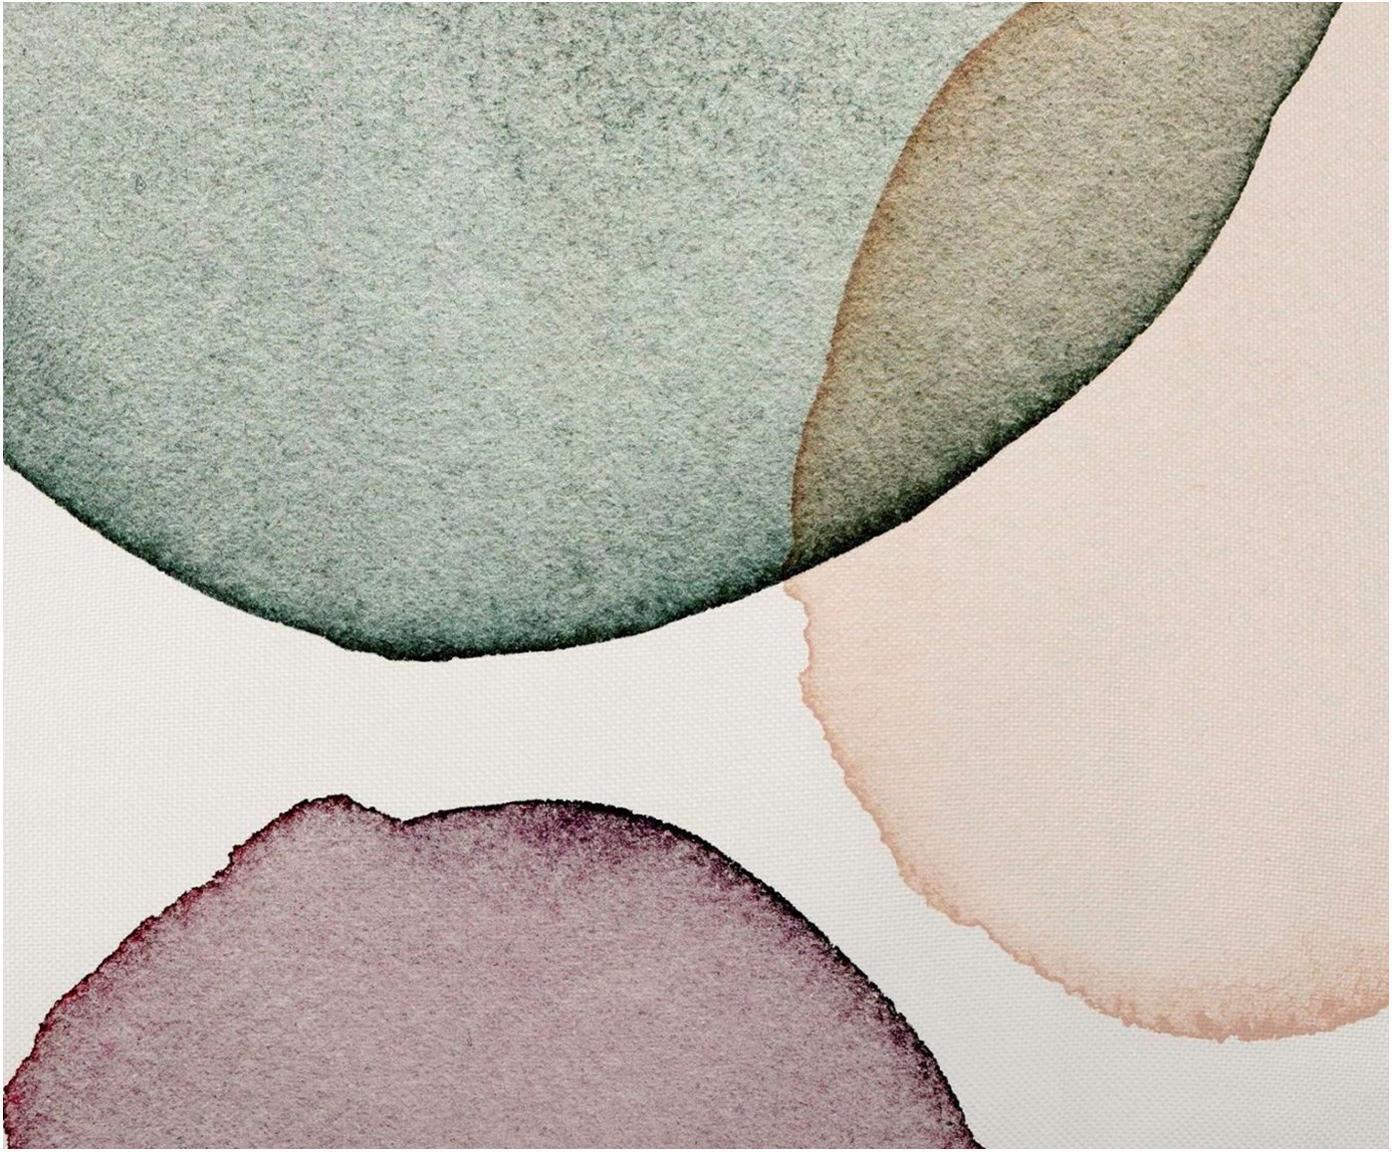 Housse de coussinà imprimé géométrique aspect aquarelle Calm, Blanc, vert, lilas, couleur saumon